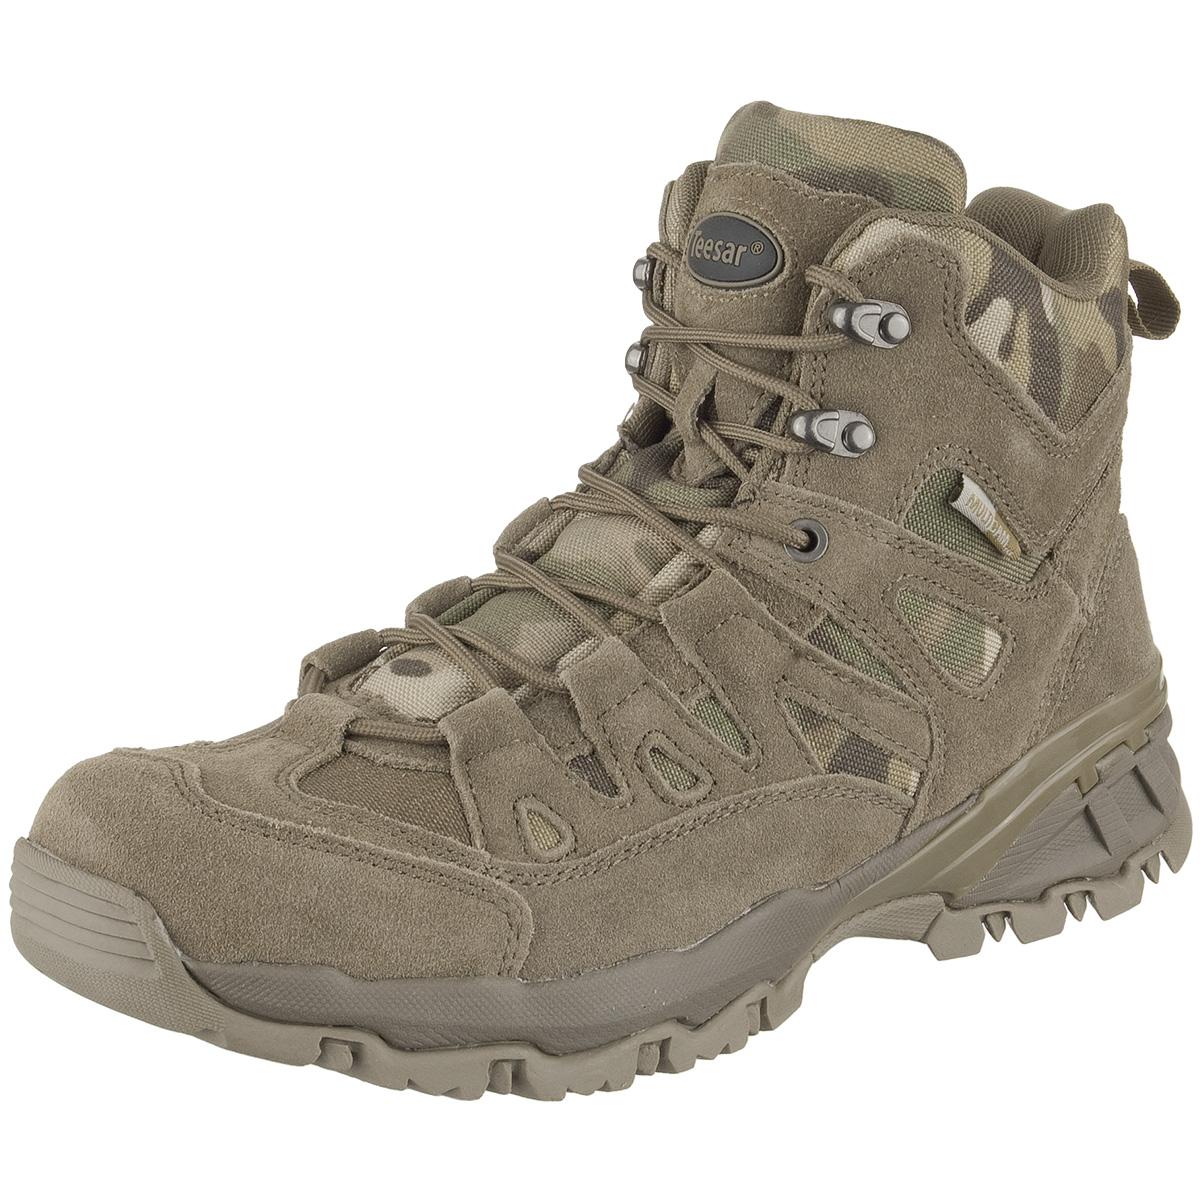 teesar squad tactical mens boots airsoft combat